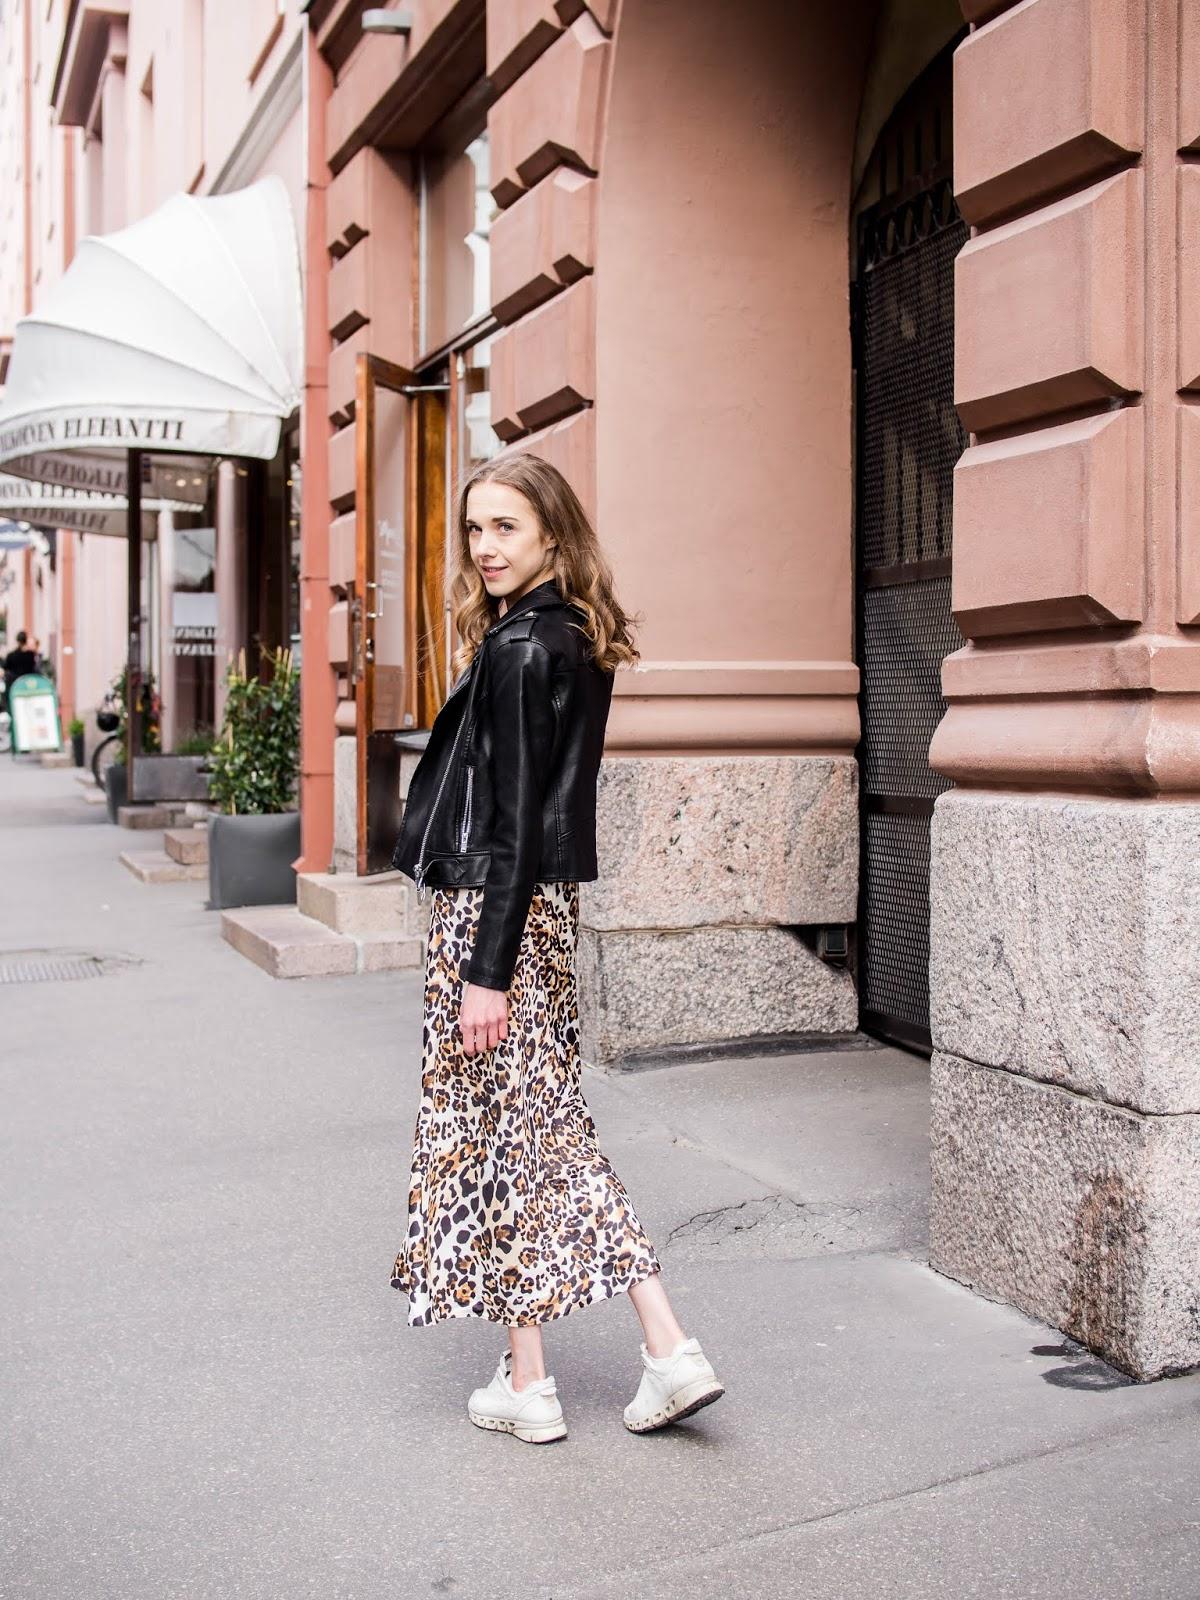 Leopard print midi skirt outfit // Asu leopardikuvioidun midihameen kanssa